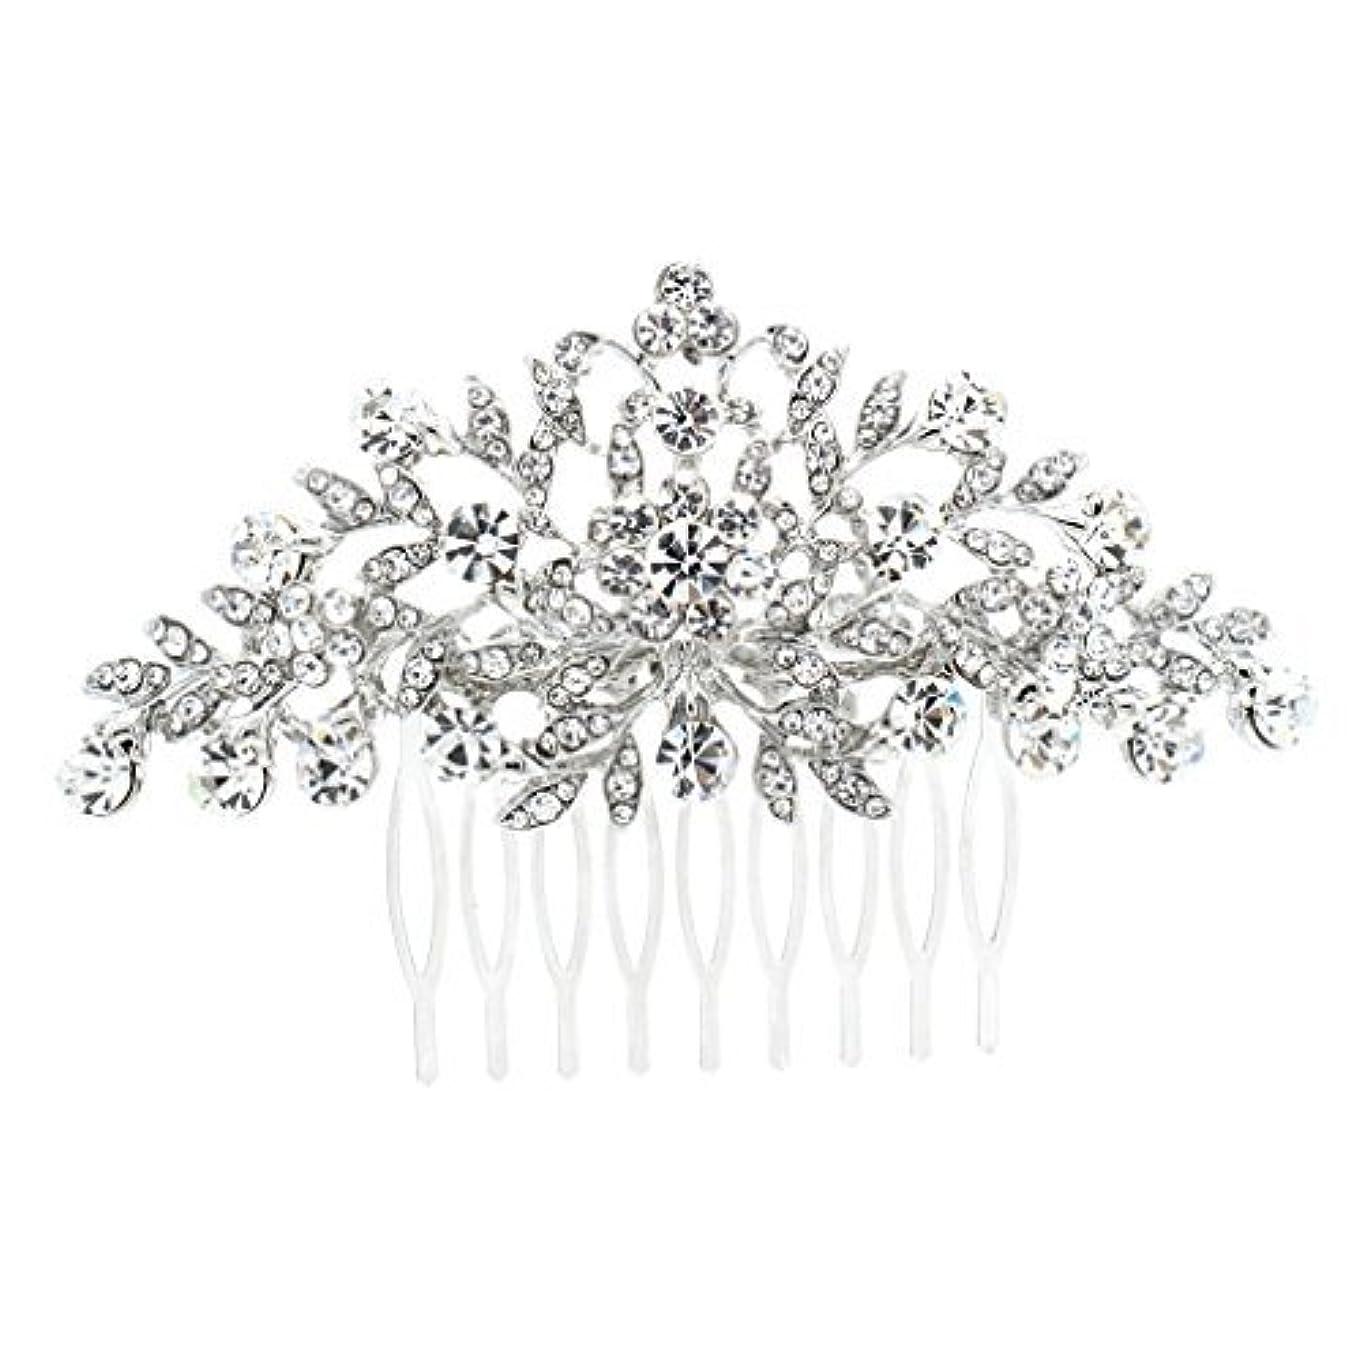 慎重ホステル淡いSEPBRDIALS Rhinestone Crystal Hair Comb Pins Women Wedding Hair Jewelry Accessories FA2944 (Silver) [並行輸入品]